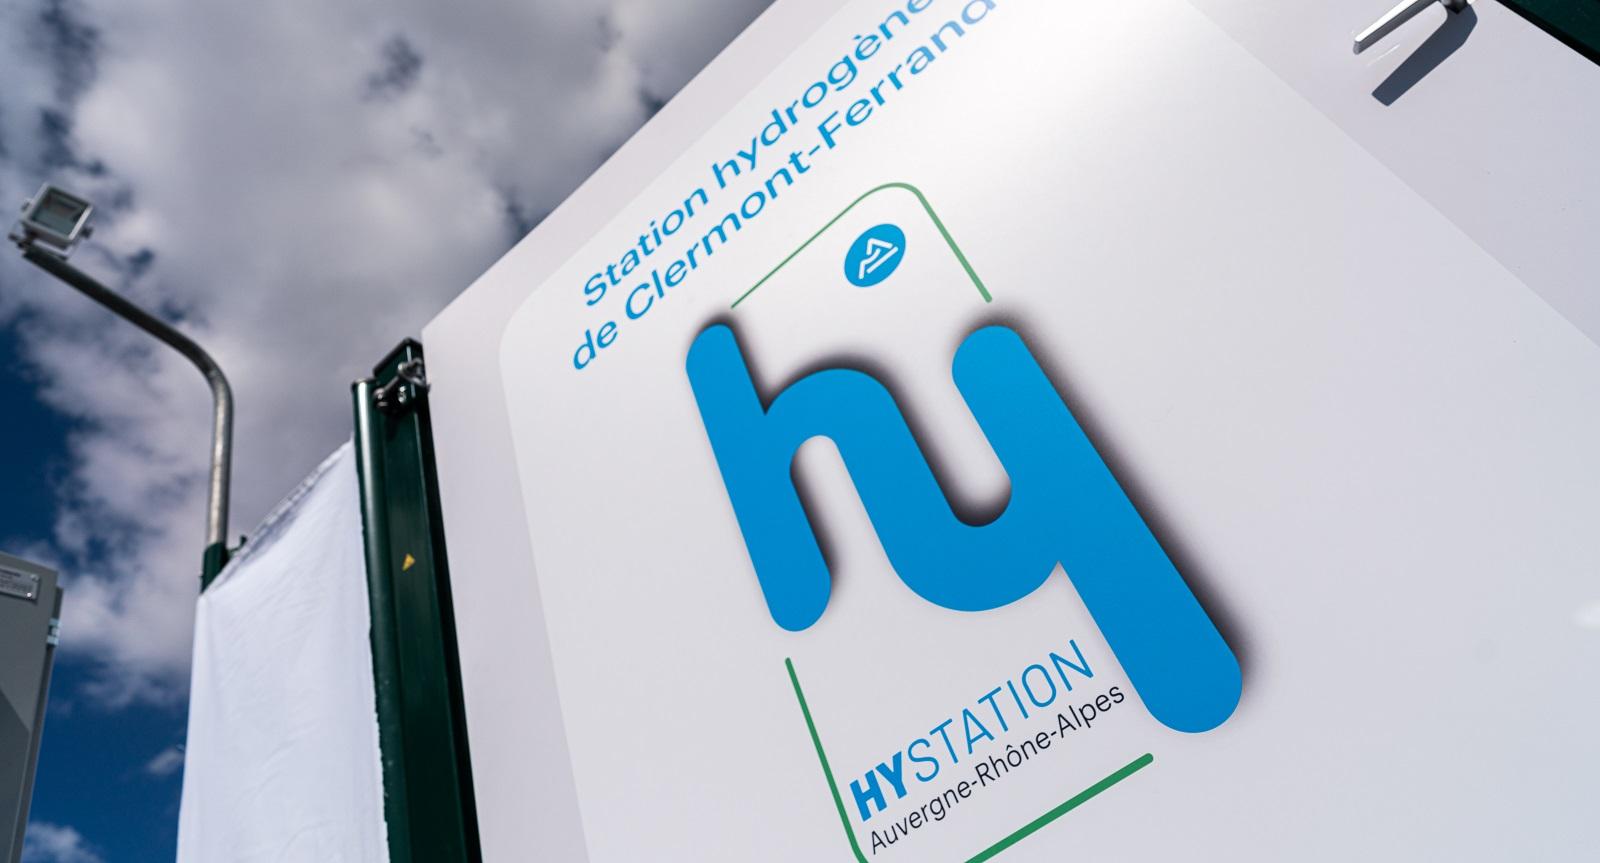 Inauguration de la première station Hydrogène  HymPulsion de la Zero Emission Valley à Clermont-Ferrand le 6 septembre 2019. Photo : Jérôme Cambier/2EP/Michelin